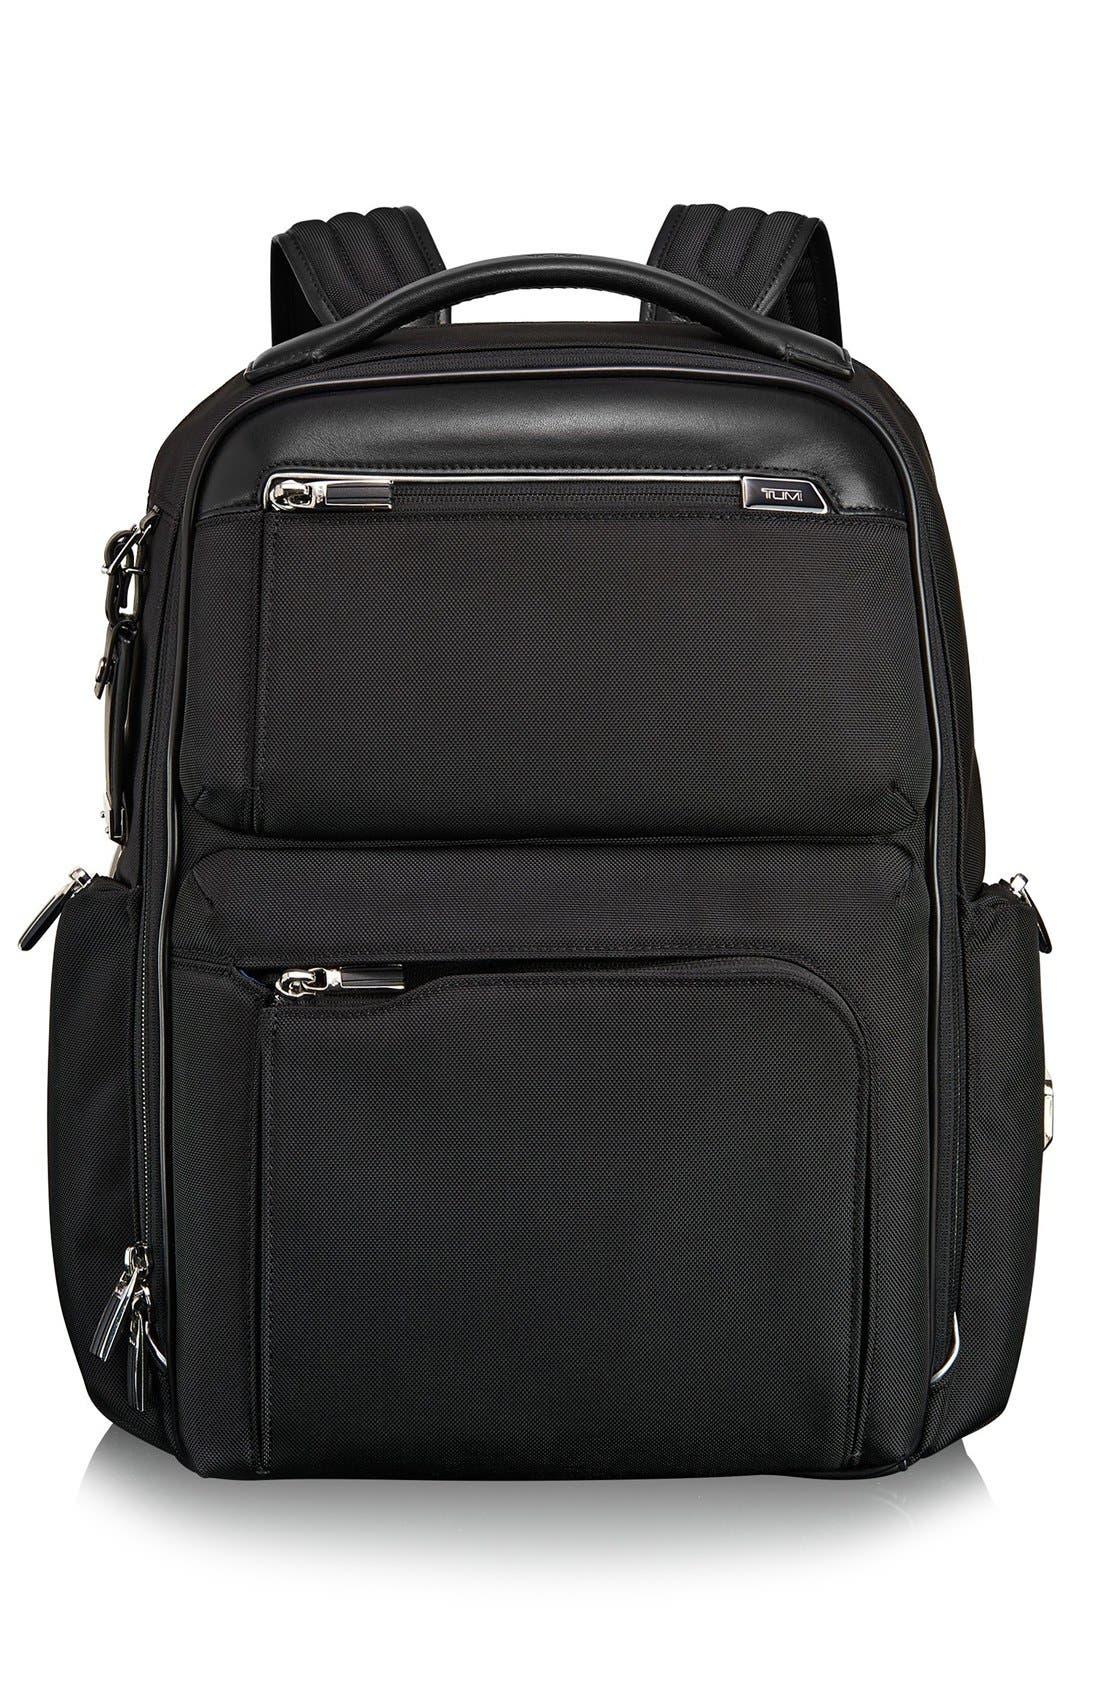 Arrivé - Bradley Backpack,                         Main,                         color, Black